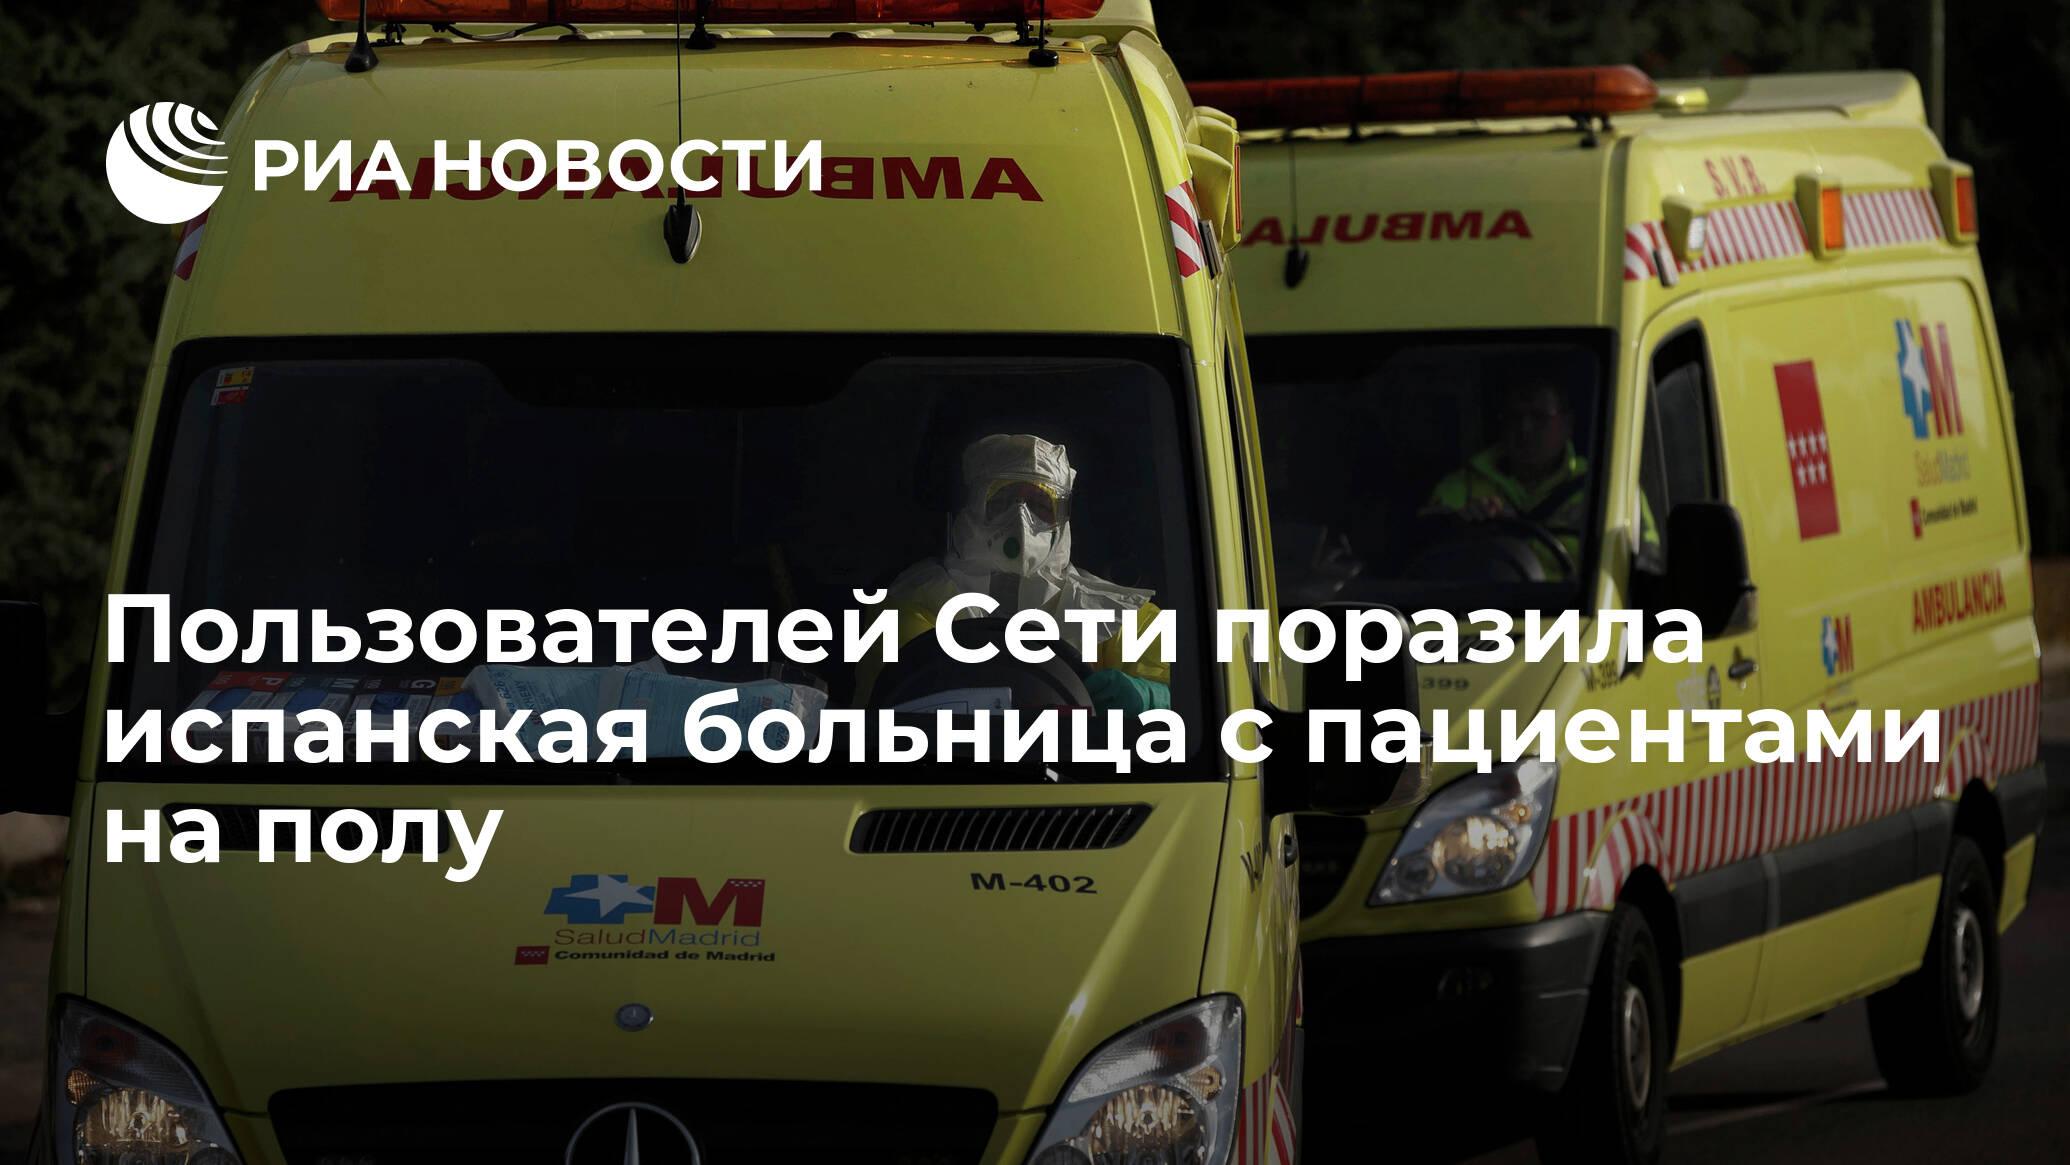 Пользователей Сети поразила испанская больница с пациентами на полу